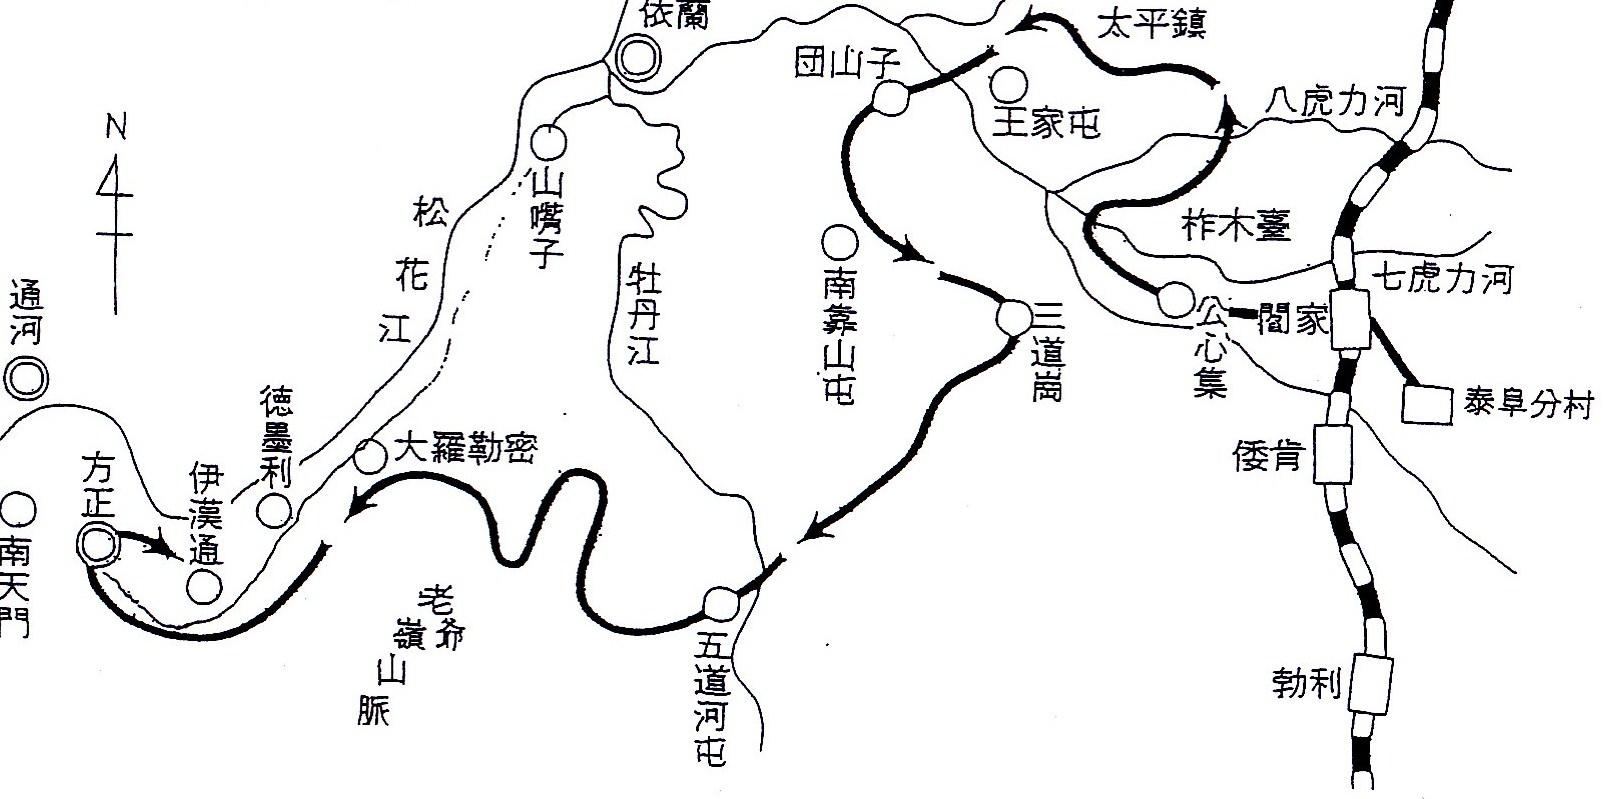 tazurusan touhichizu.jpg